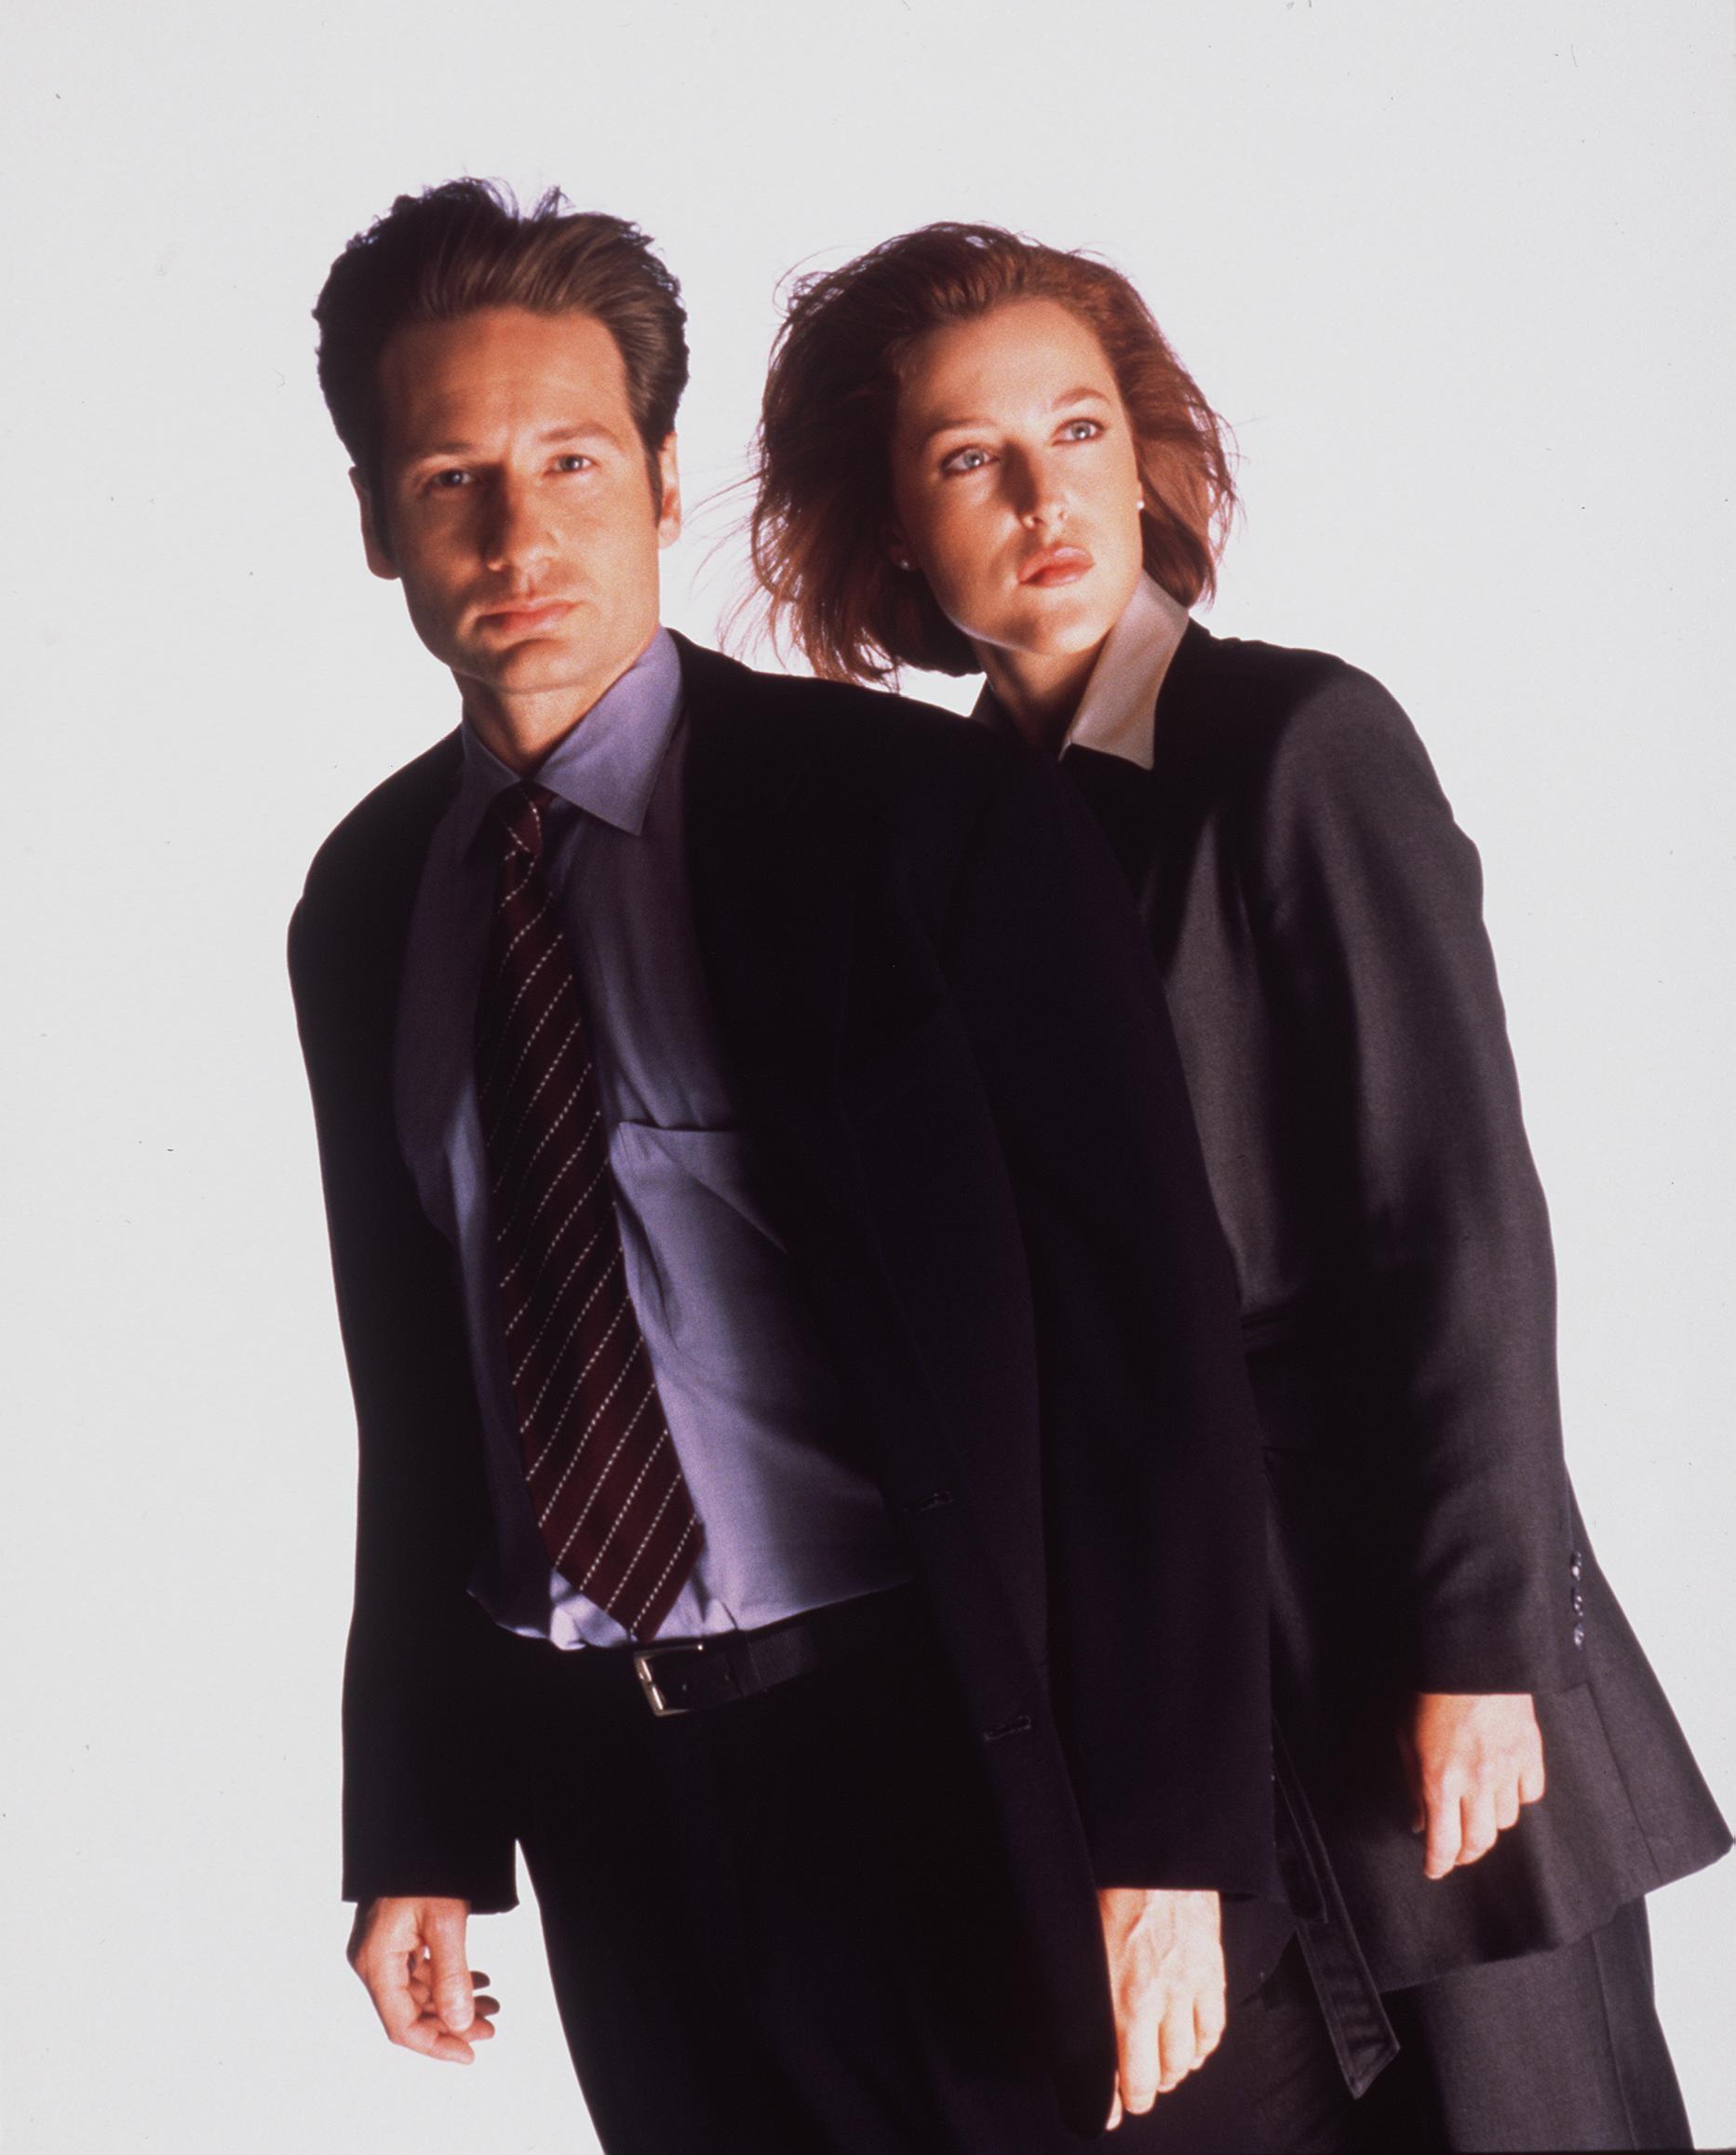 <p><strong>Джилиан Андерсън и Дейвид Духовни</strong></p>  <p>Двойката работи дълго заедно в сериала &bdquo;Досиетата X&rdquo;, но до края му се намразили. През 2008 г. Духовни призна, че не можели да понасят да се гледат вече, защото дълги часове работили заедно.</p>